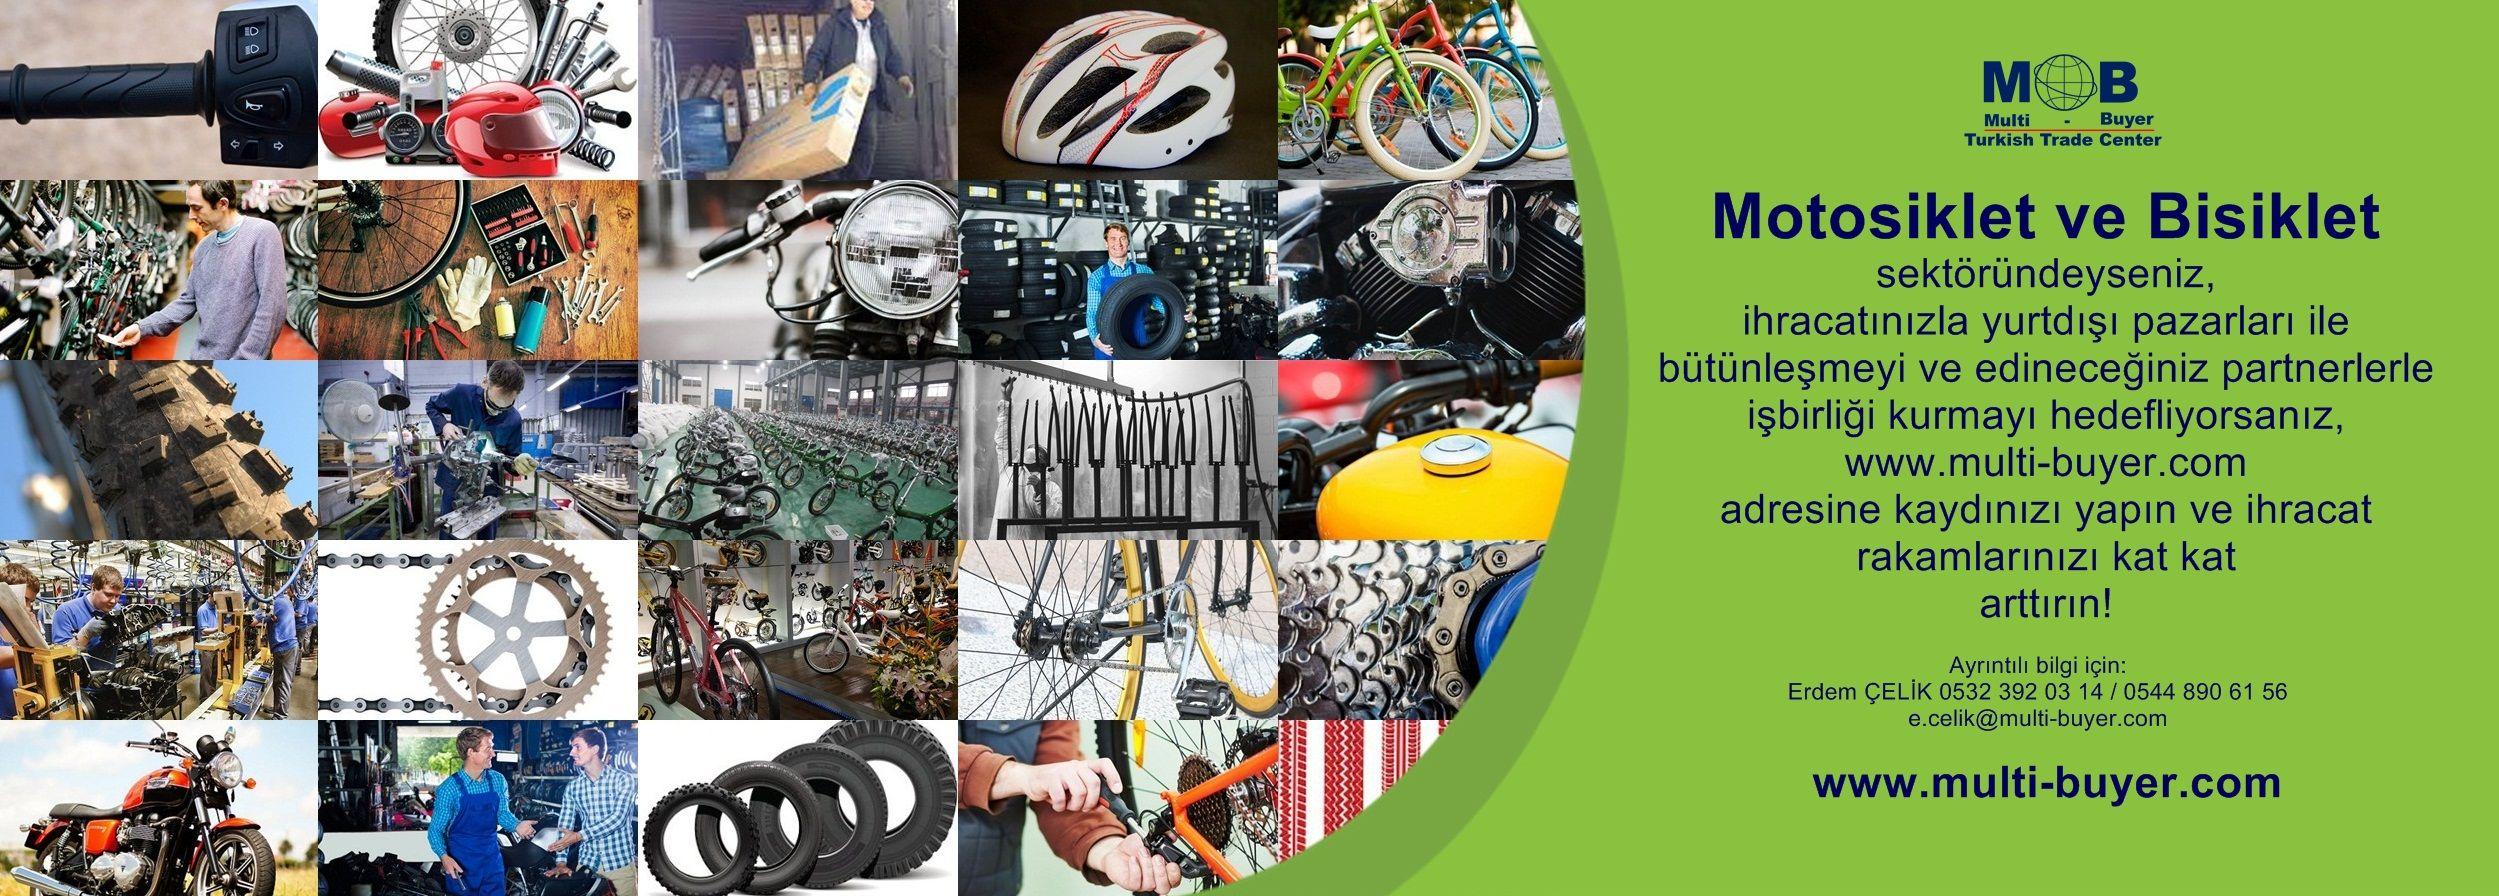 Motosiklet ve Bisiklet sektöründeyseniz, ihracatınızla yurtdışı pazarları ile bütünleşmeyi ve edineceğiniz partnerlerle işbirliği kurmayı hedefliyorsanız, www.multi-buyer.com adresine kaydınızı yapın ve ihracat rakamlarınızı kat kat arttırın! A - Z 'ye tüm sektörlerin YERİNDE TİCARET yapmaları için dış ticaret alanın da getirdiğimiz yenilikleri ve hangi imkanları değerlendirebileceğinizi videomuz da izleyebilirsiniz. https://lnkd.in/dj-7SVG Bilgi için: Erdem ÇELİK   0532 392 03 14